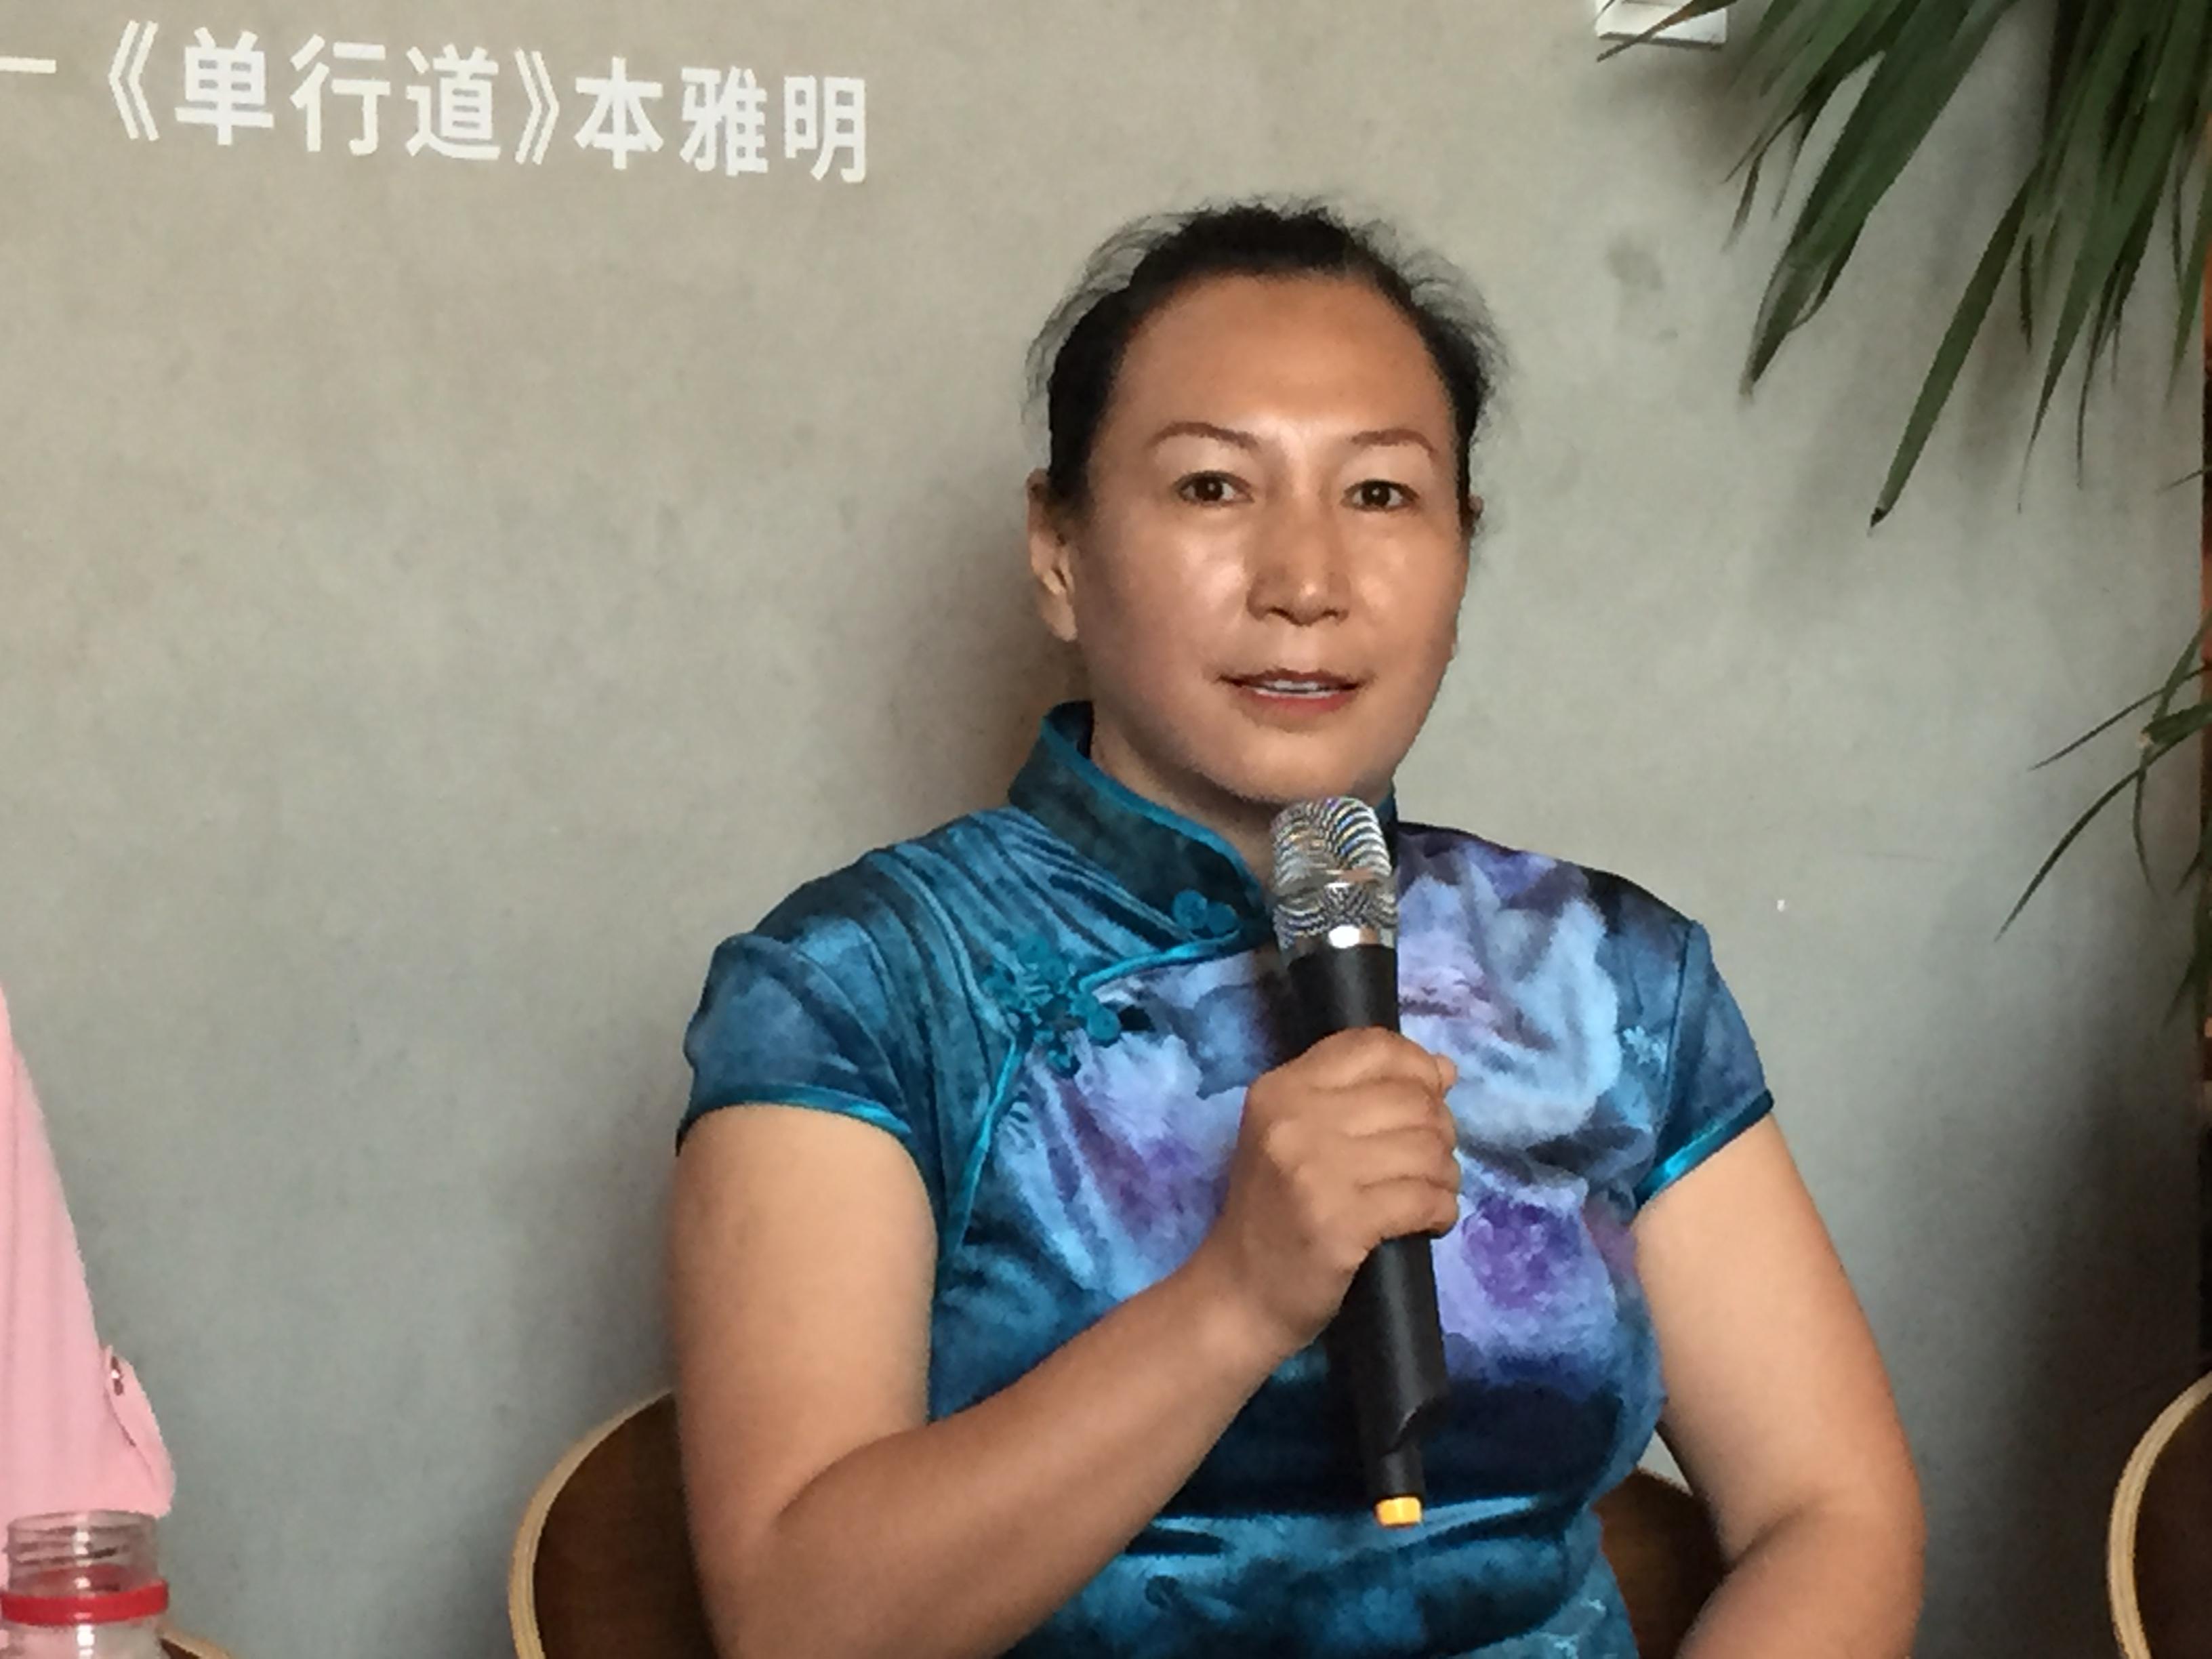 家政女工安翠萍在北京《怒放的地丁花---家政工口述史》分享会上,讲述自己的故事。新华社记者屈婷 摄